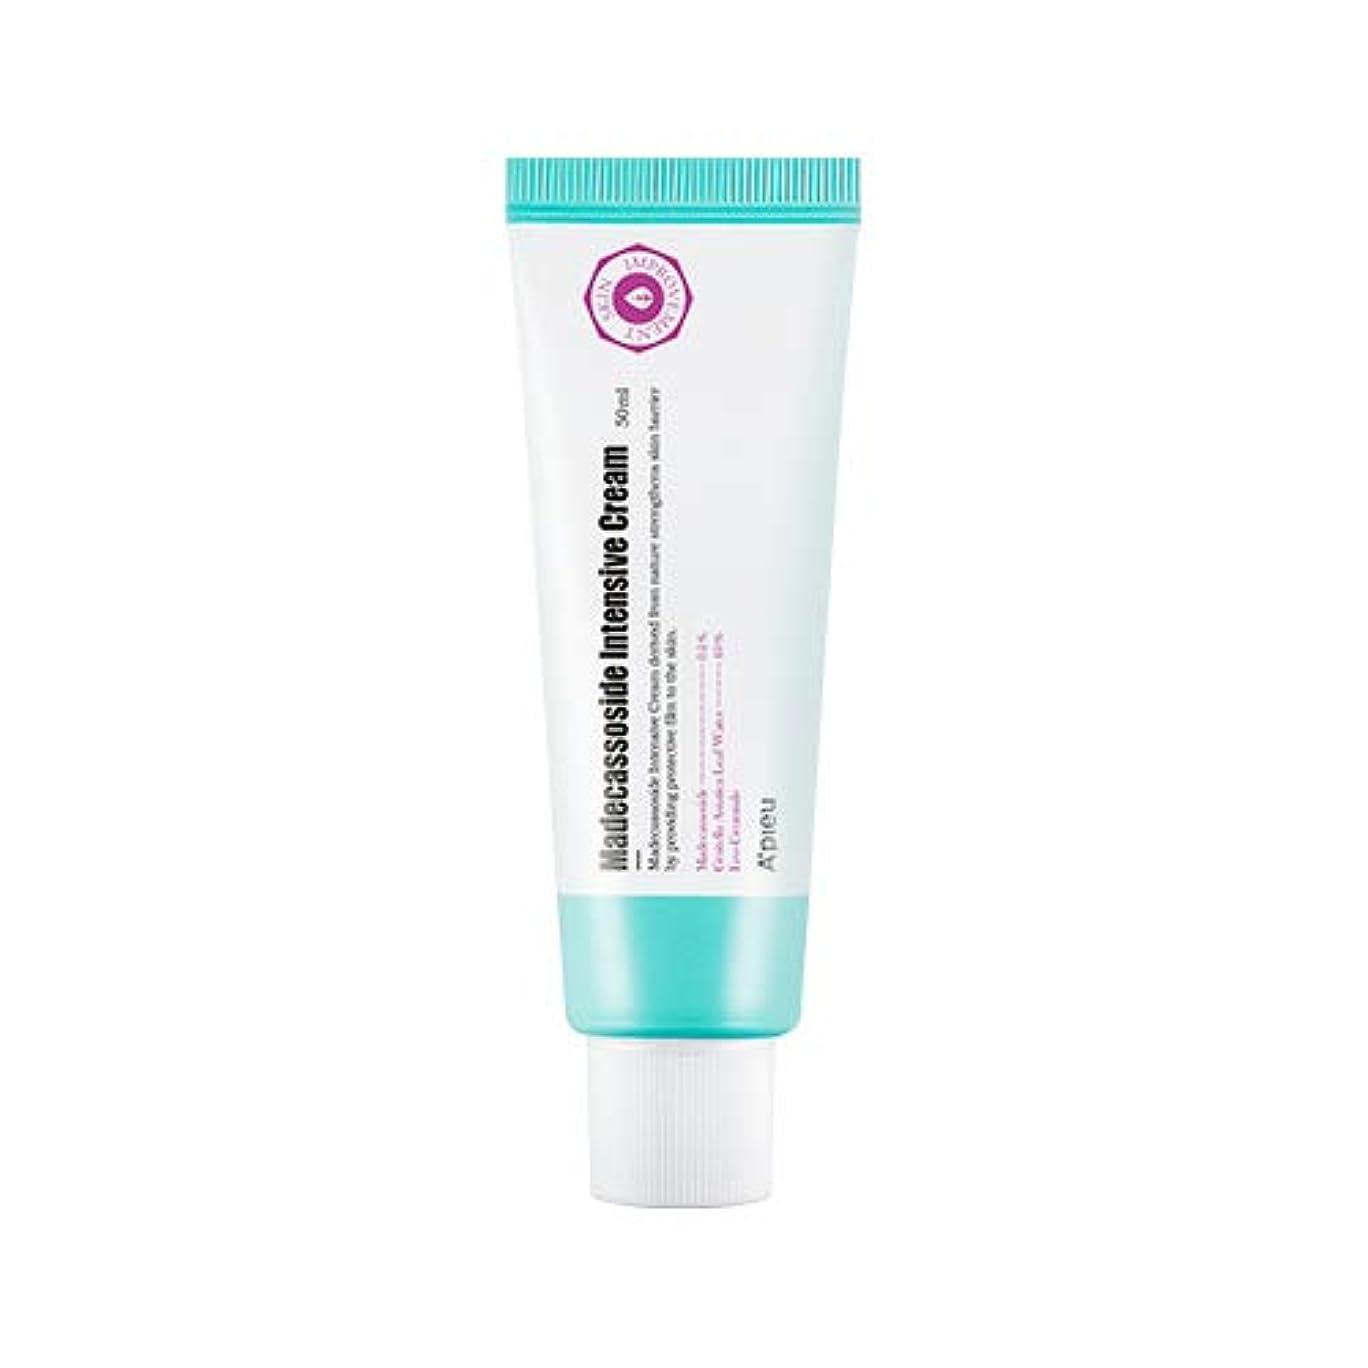 バランスバイバイ気分アピュ マデカソシド インテンシブクリーム 50ml / APIEU Madecassoside Intensive Cream 50ml [並行輸入品]